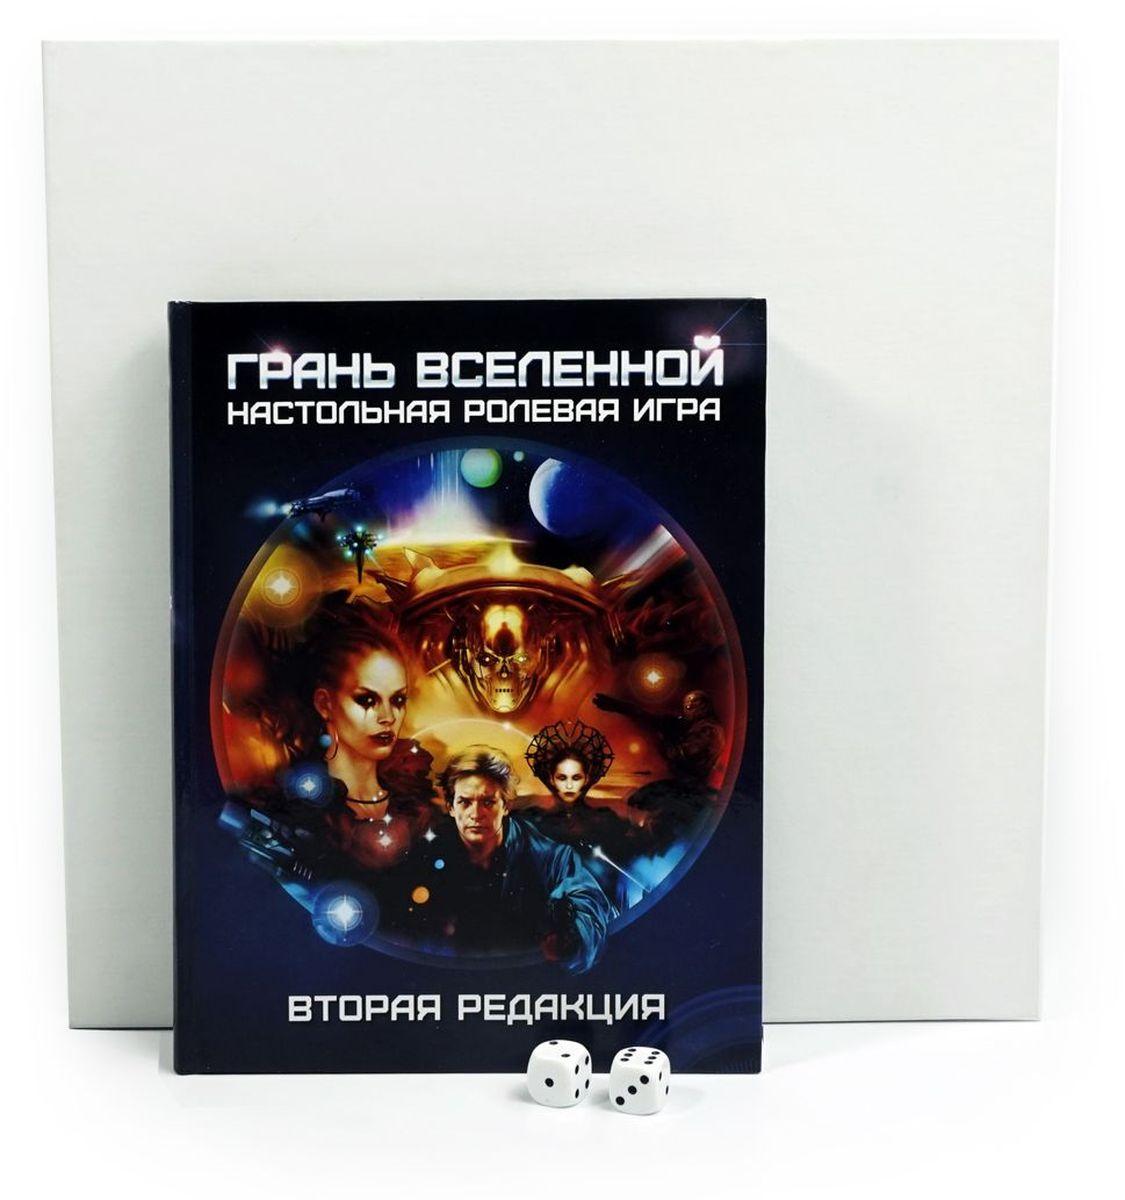 Pandoras Box Настольная ролевая игра Грань Вселенной Фронтир01ID015Это настольная ролевая игра в жанре космической оперы. Выбери одного из уникальных персонажей, собери команду отчаянных искателей приключений и отправляйся в отдаленные уголки галактики. Правила игры созданы таким образом, чтобы требовалось как можно меньше времени на подготовку как игрокам, так и ведущему. Приключения получаются стремительные, захватывающие и неповторимые. Настольная ролевая игра в жанре космической оперы Простые и элегантные правила на базе движка Dungeon World Требует минимальной подготовки к игре Книга правил только для ведущего — игрокам не надо читать ничего, кроме бланка своего персонажа К книге прилагается 2 кубика D6.